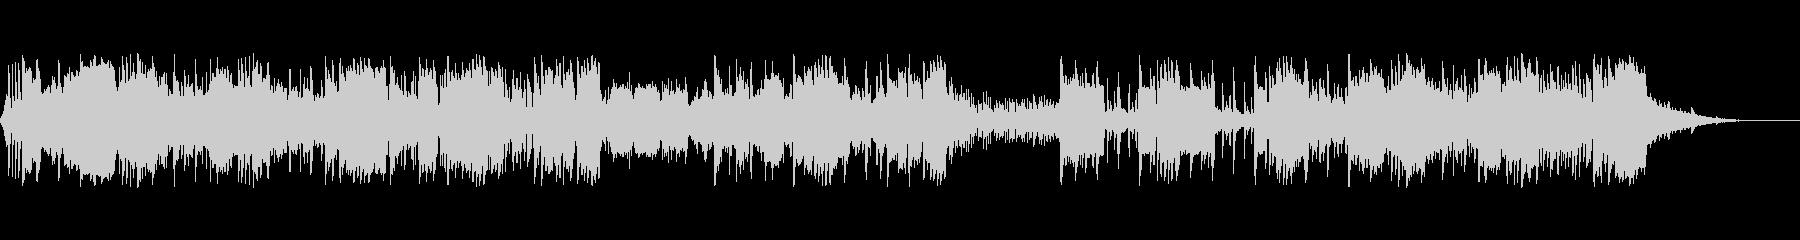 クールジャングルIDベッド2の未再生の波形